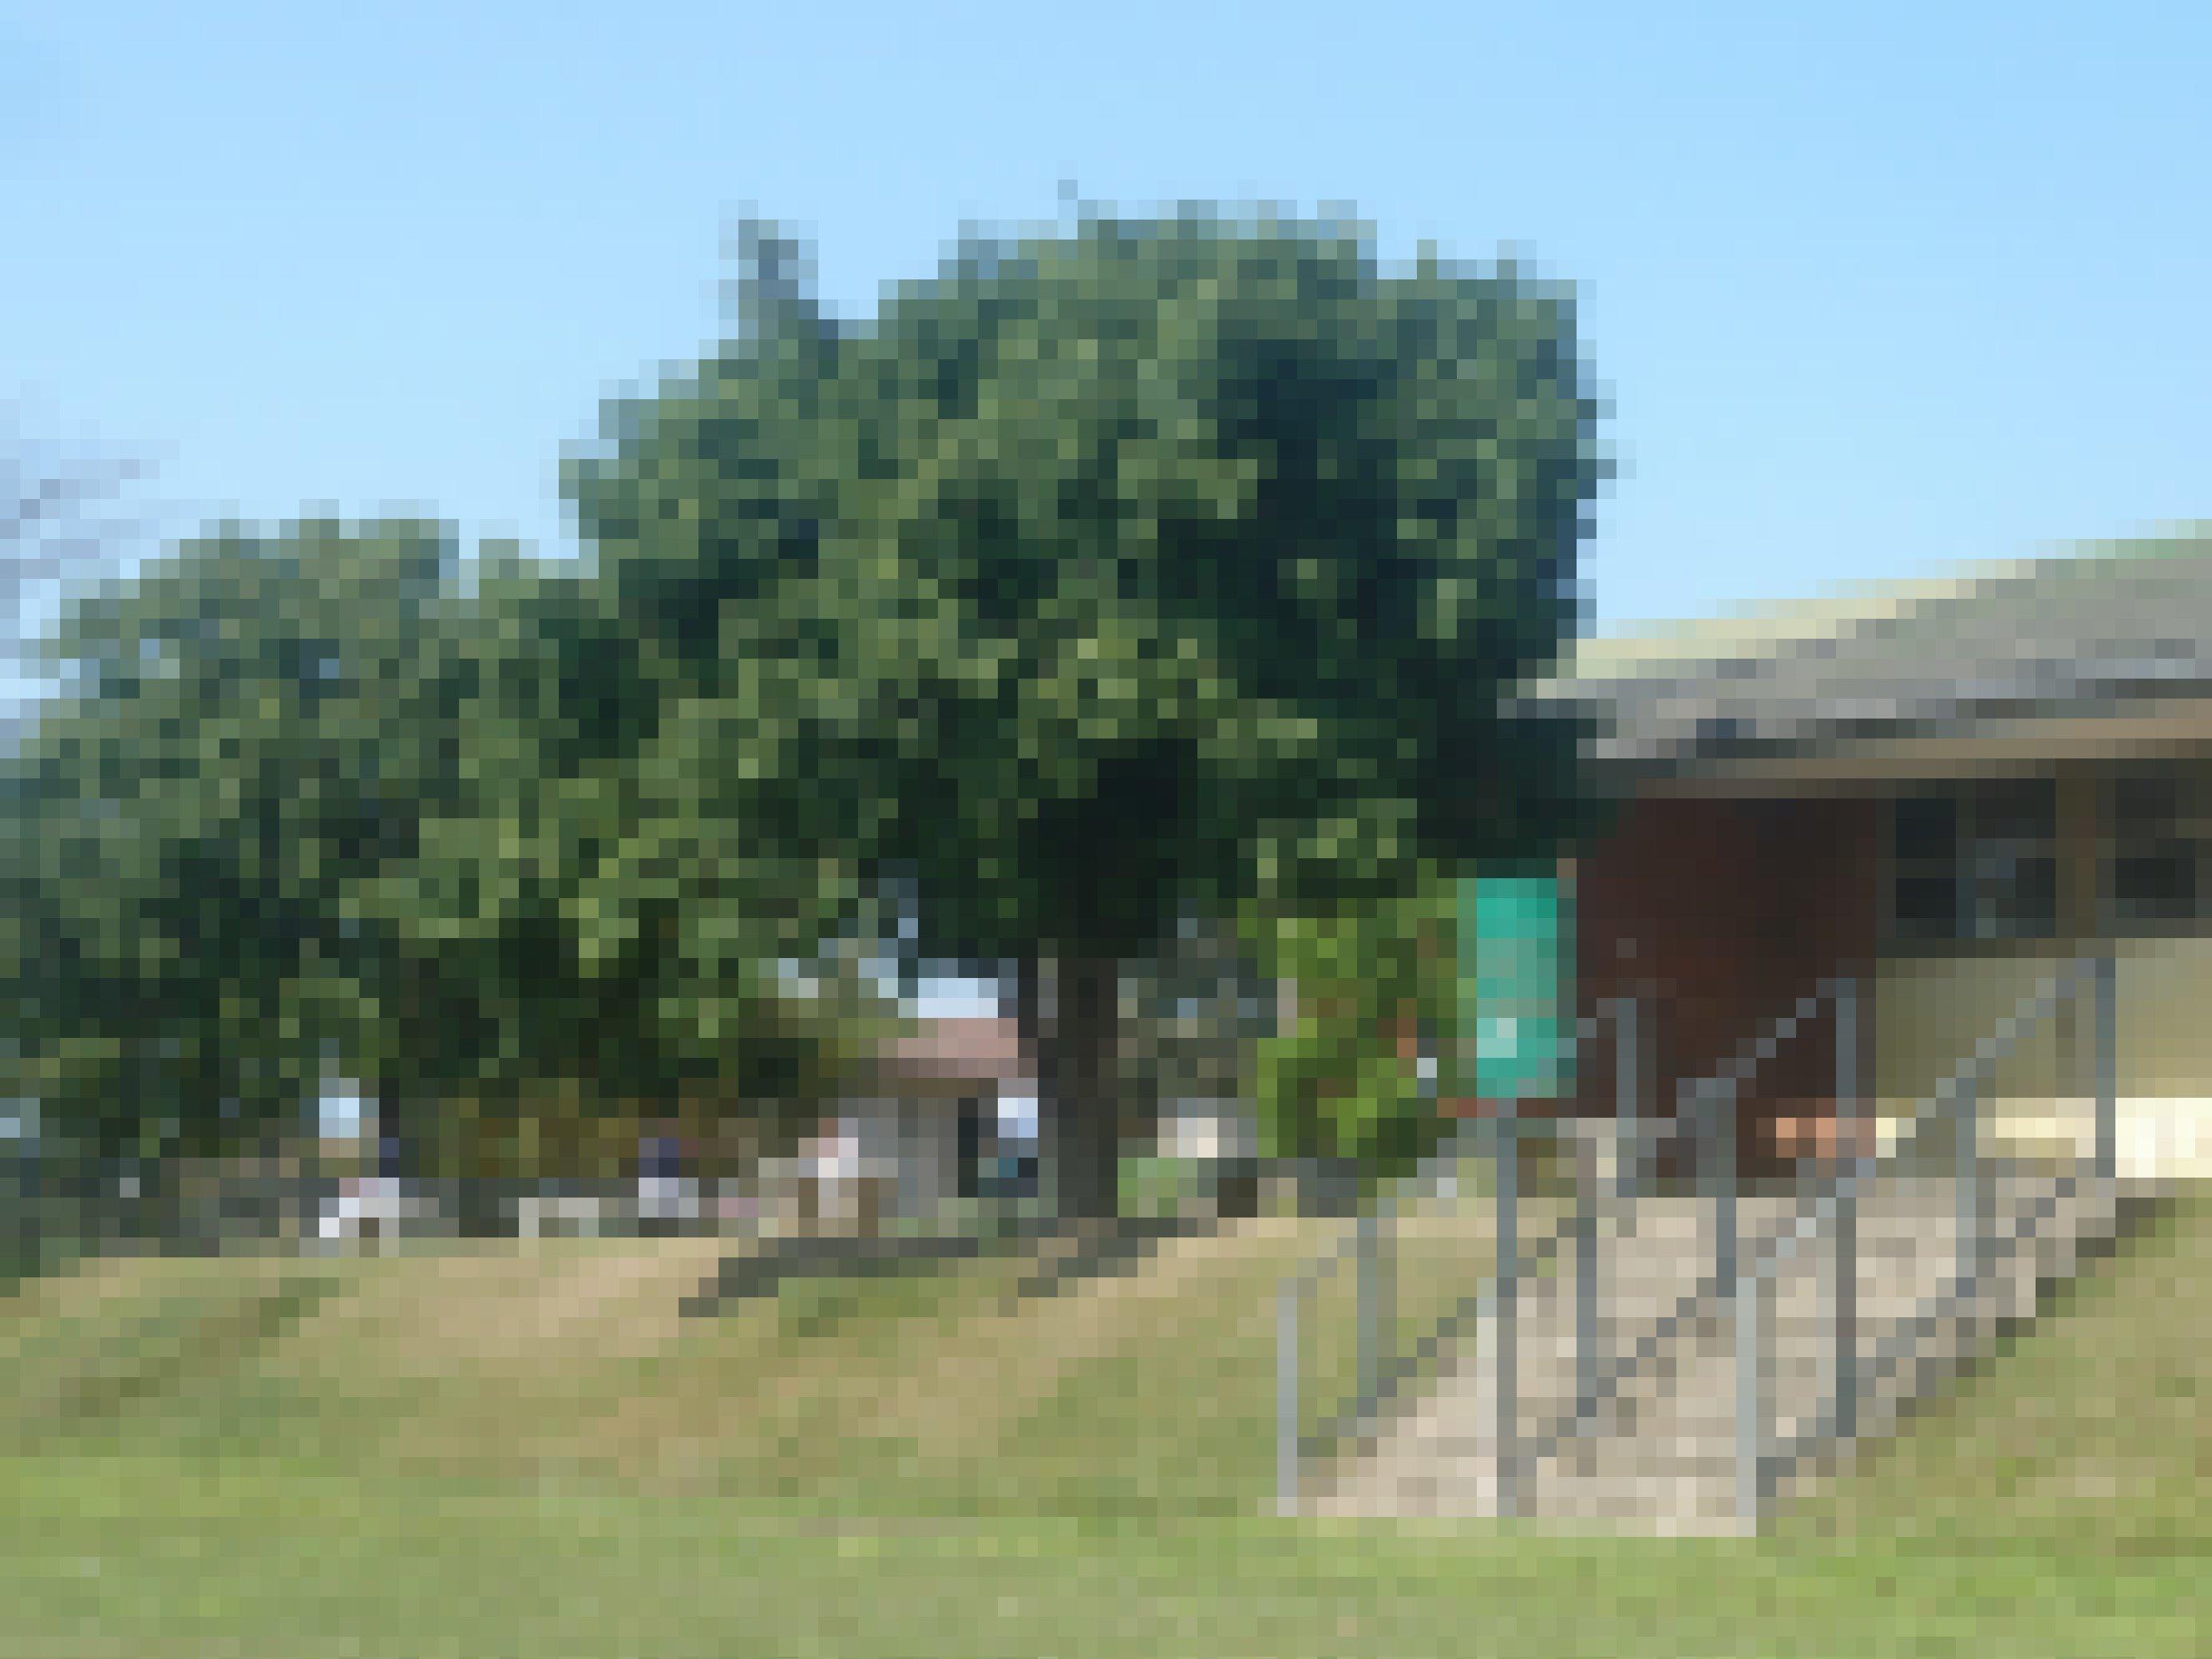 Die Schule ist vom Sportplatz und Schulhof aus zu sehen, Treppen führen neben einem Baum zu den Klassenräumen, davor stehen Wassertanks